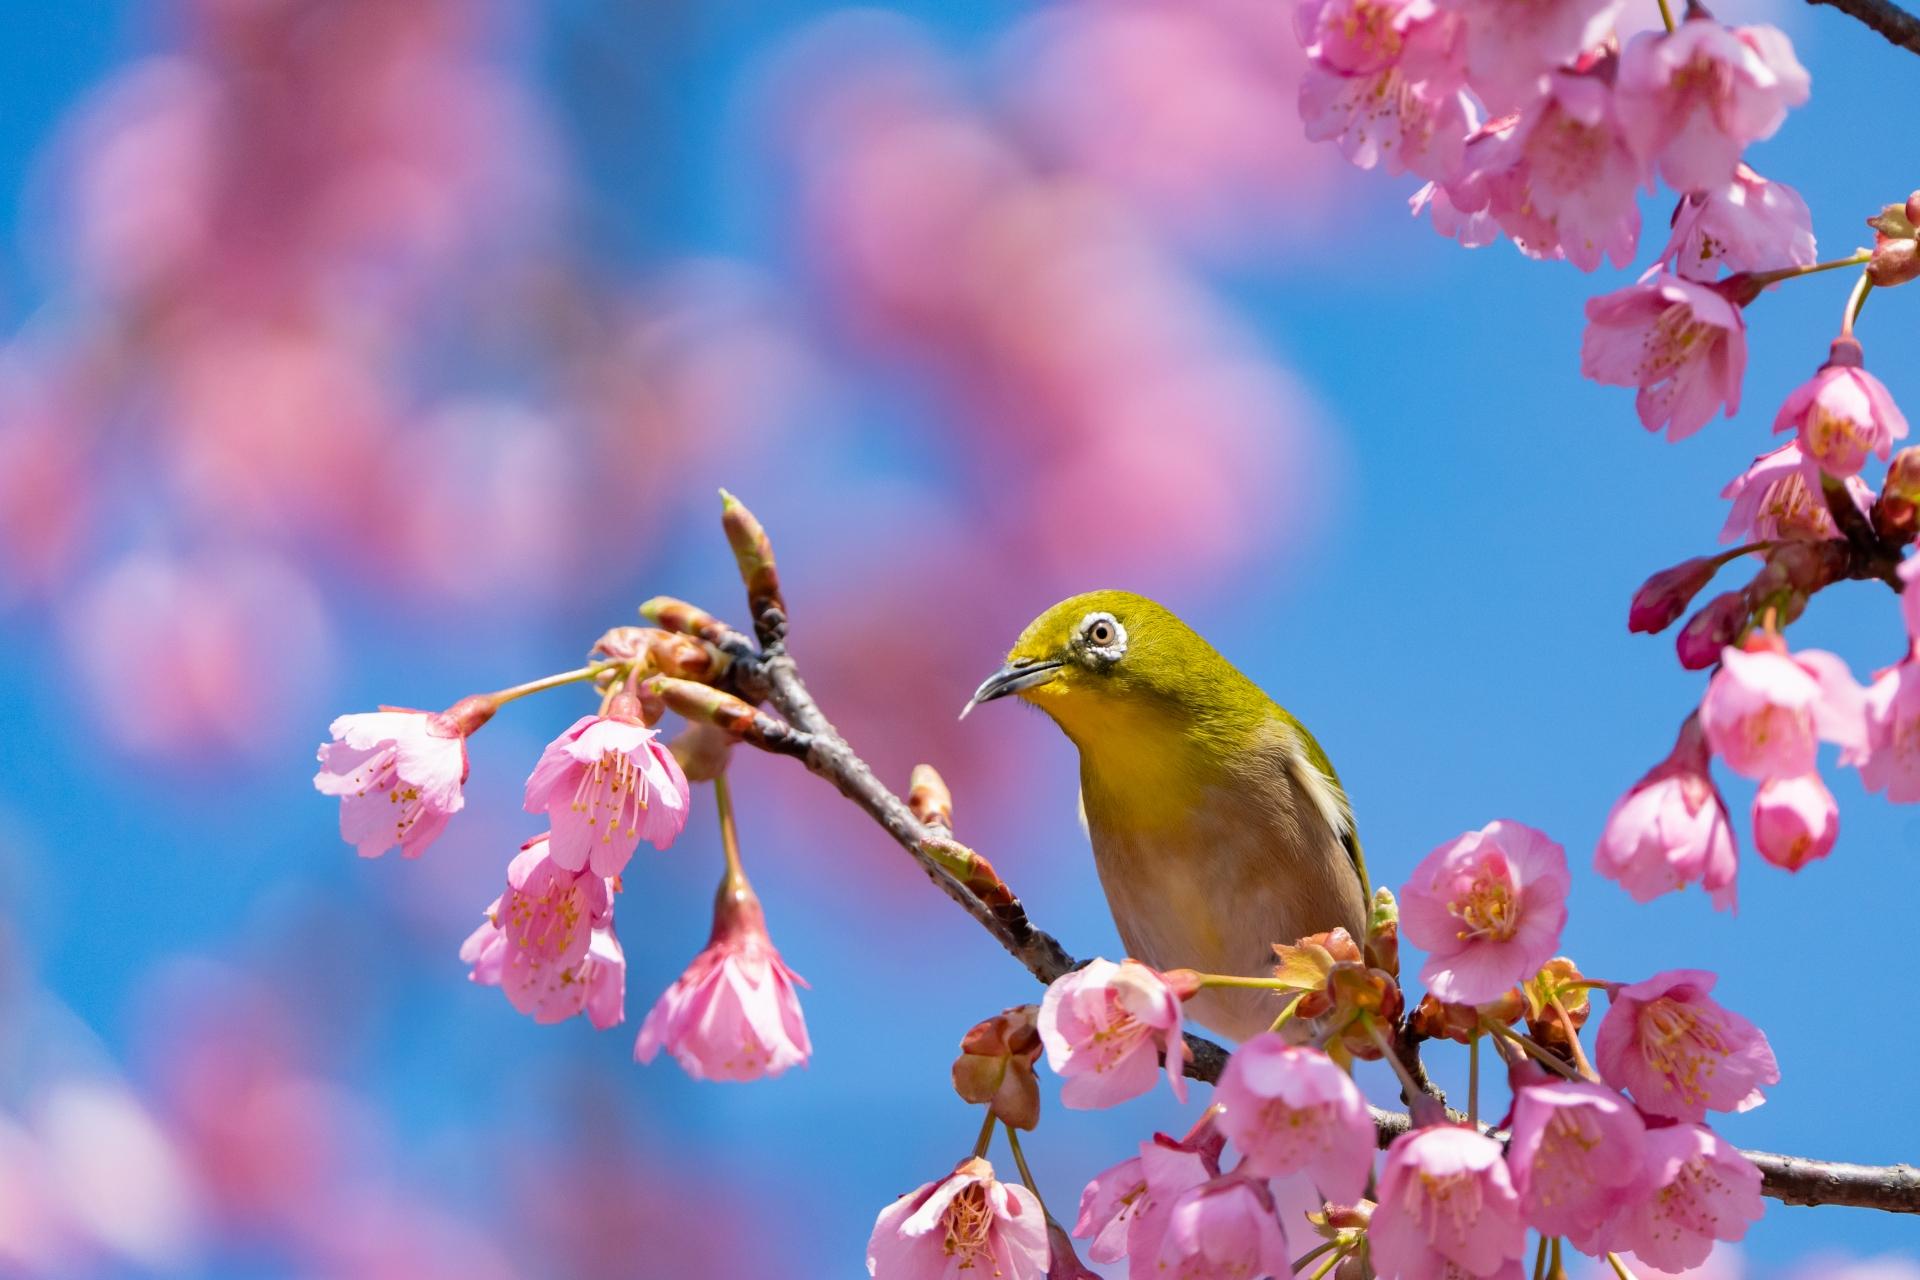 <長谷店日記>もうすぐ桜の季節ですね。